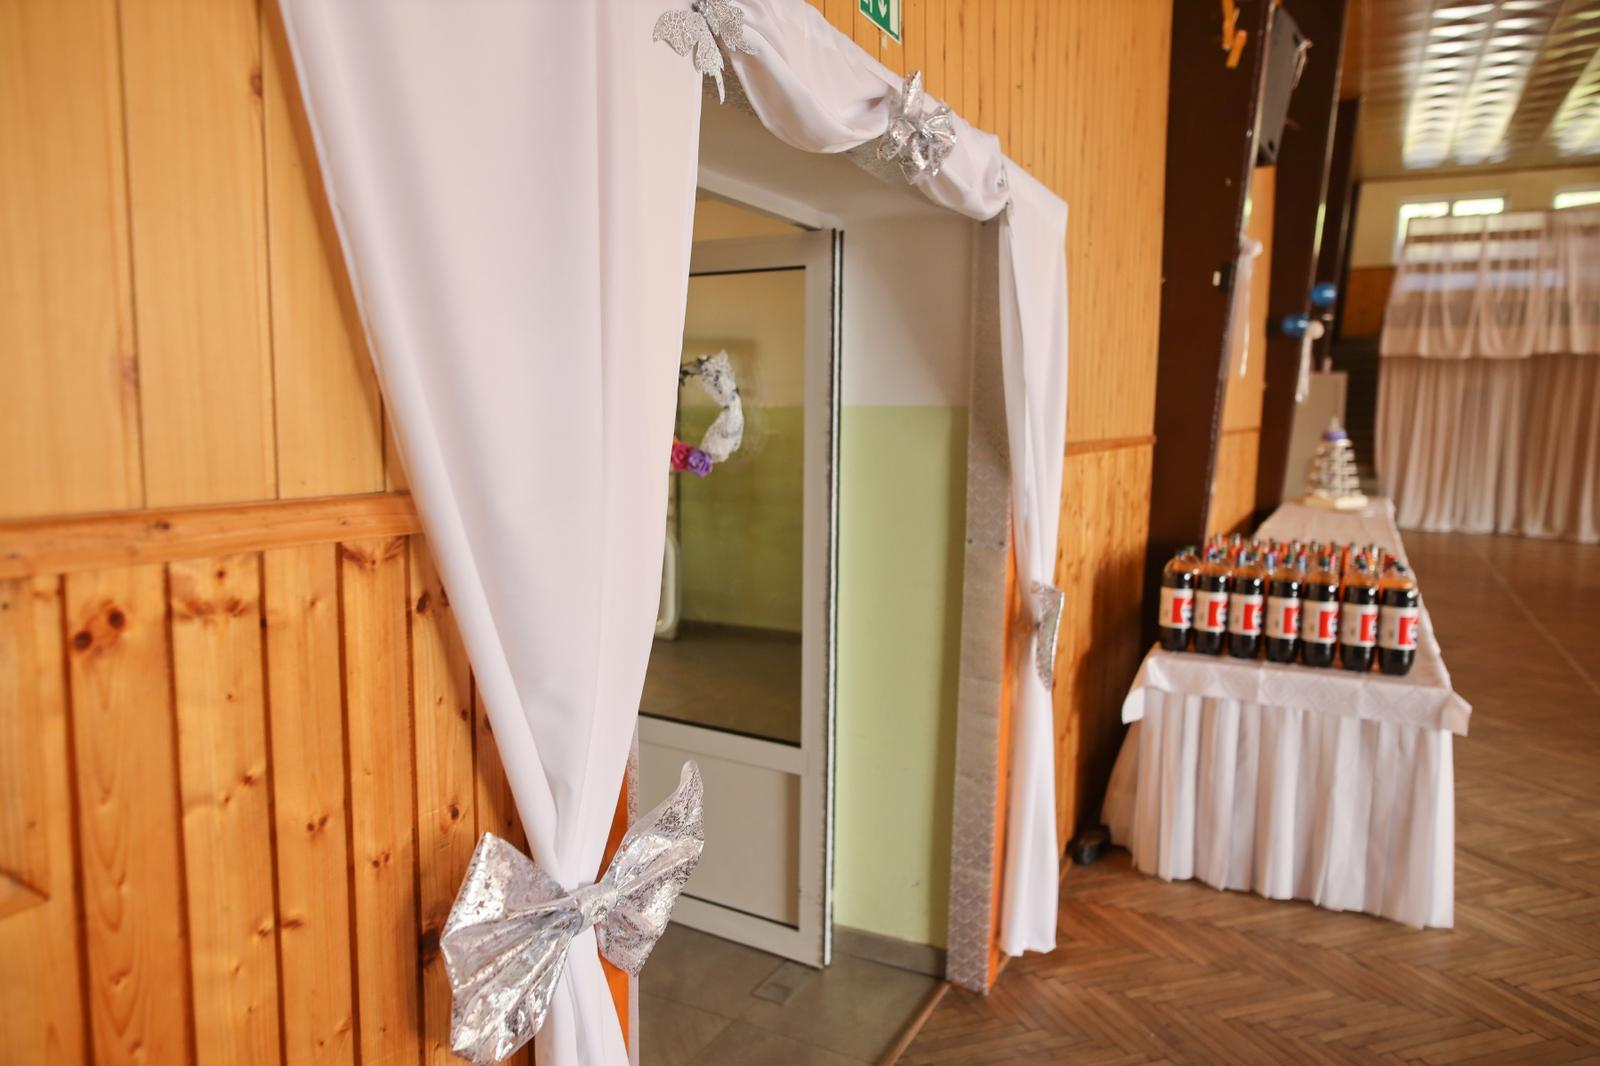 Svadobná výzdoba na dvere - Obrázok č. 1